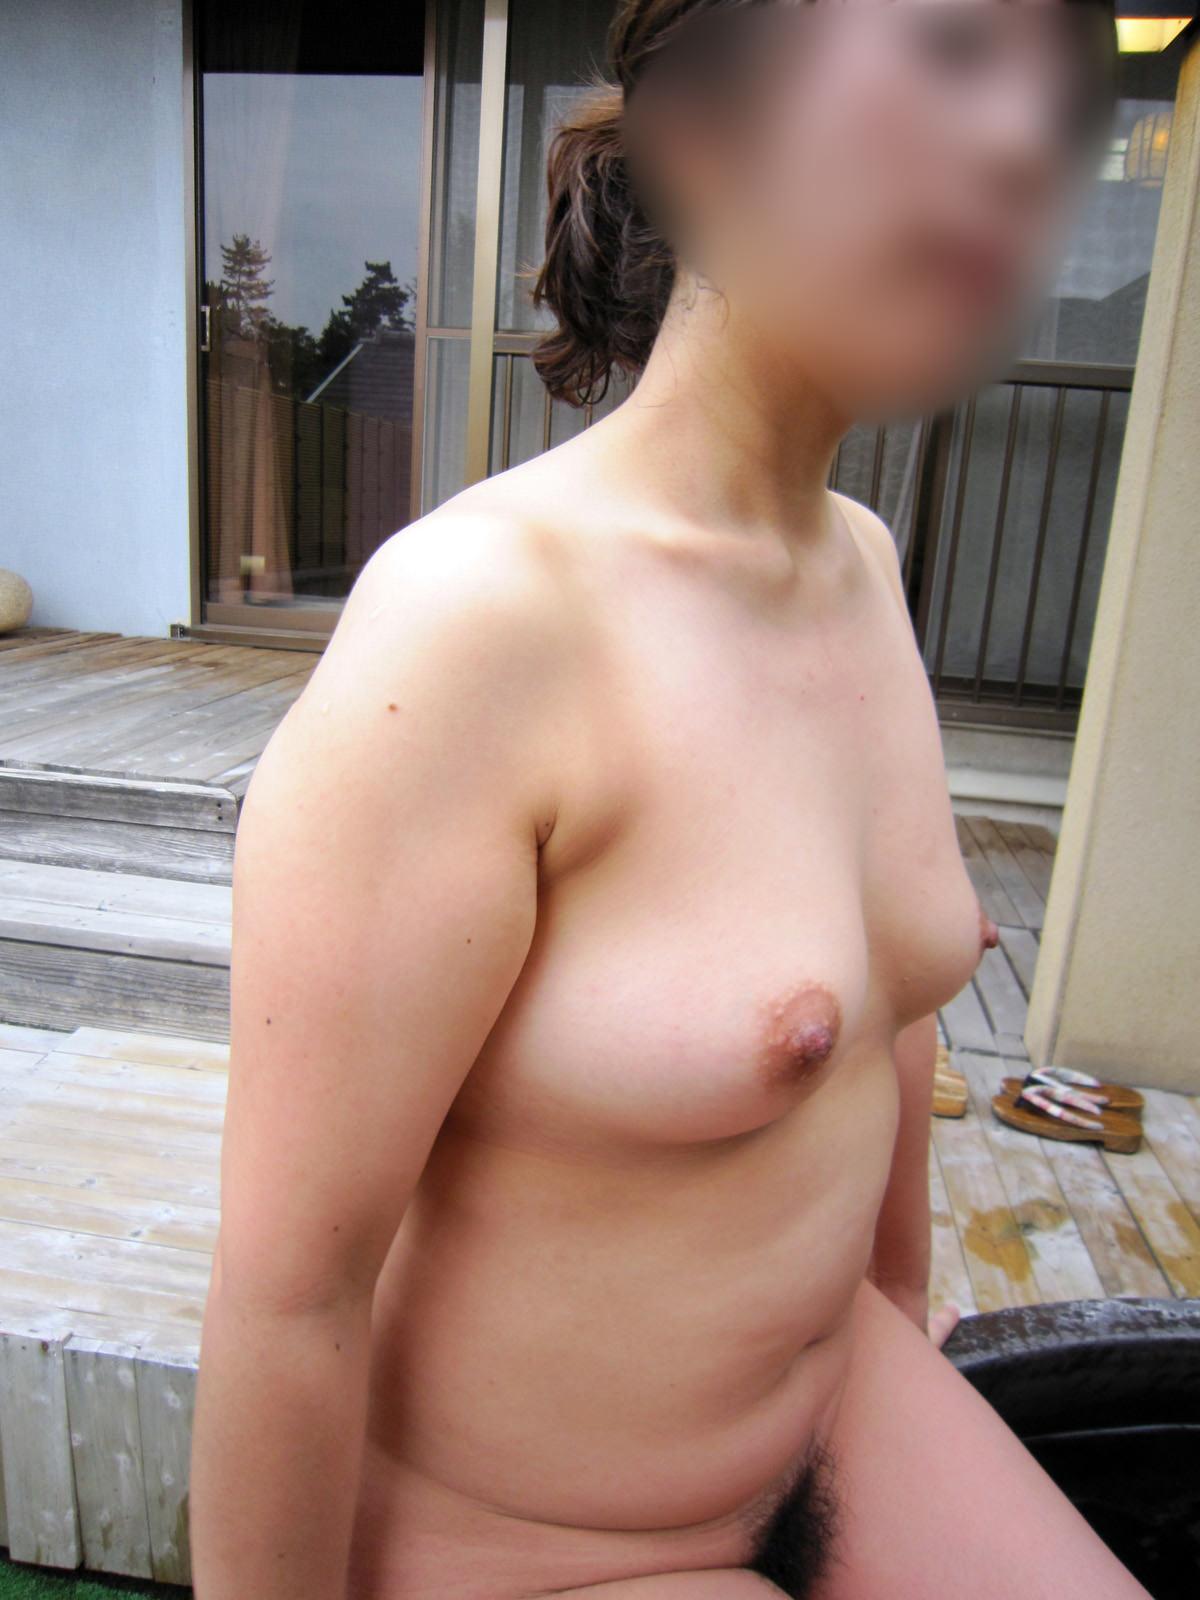 【不倫旅行】変態の彼氏が露天風呂で彼女の全裸撮影→無許可でネット投稿wwwwwww 0742